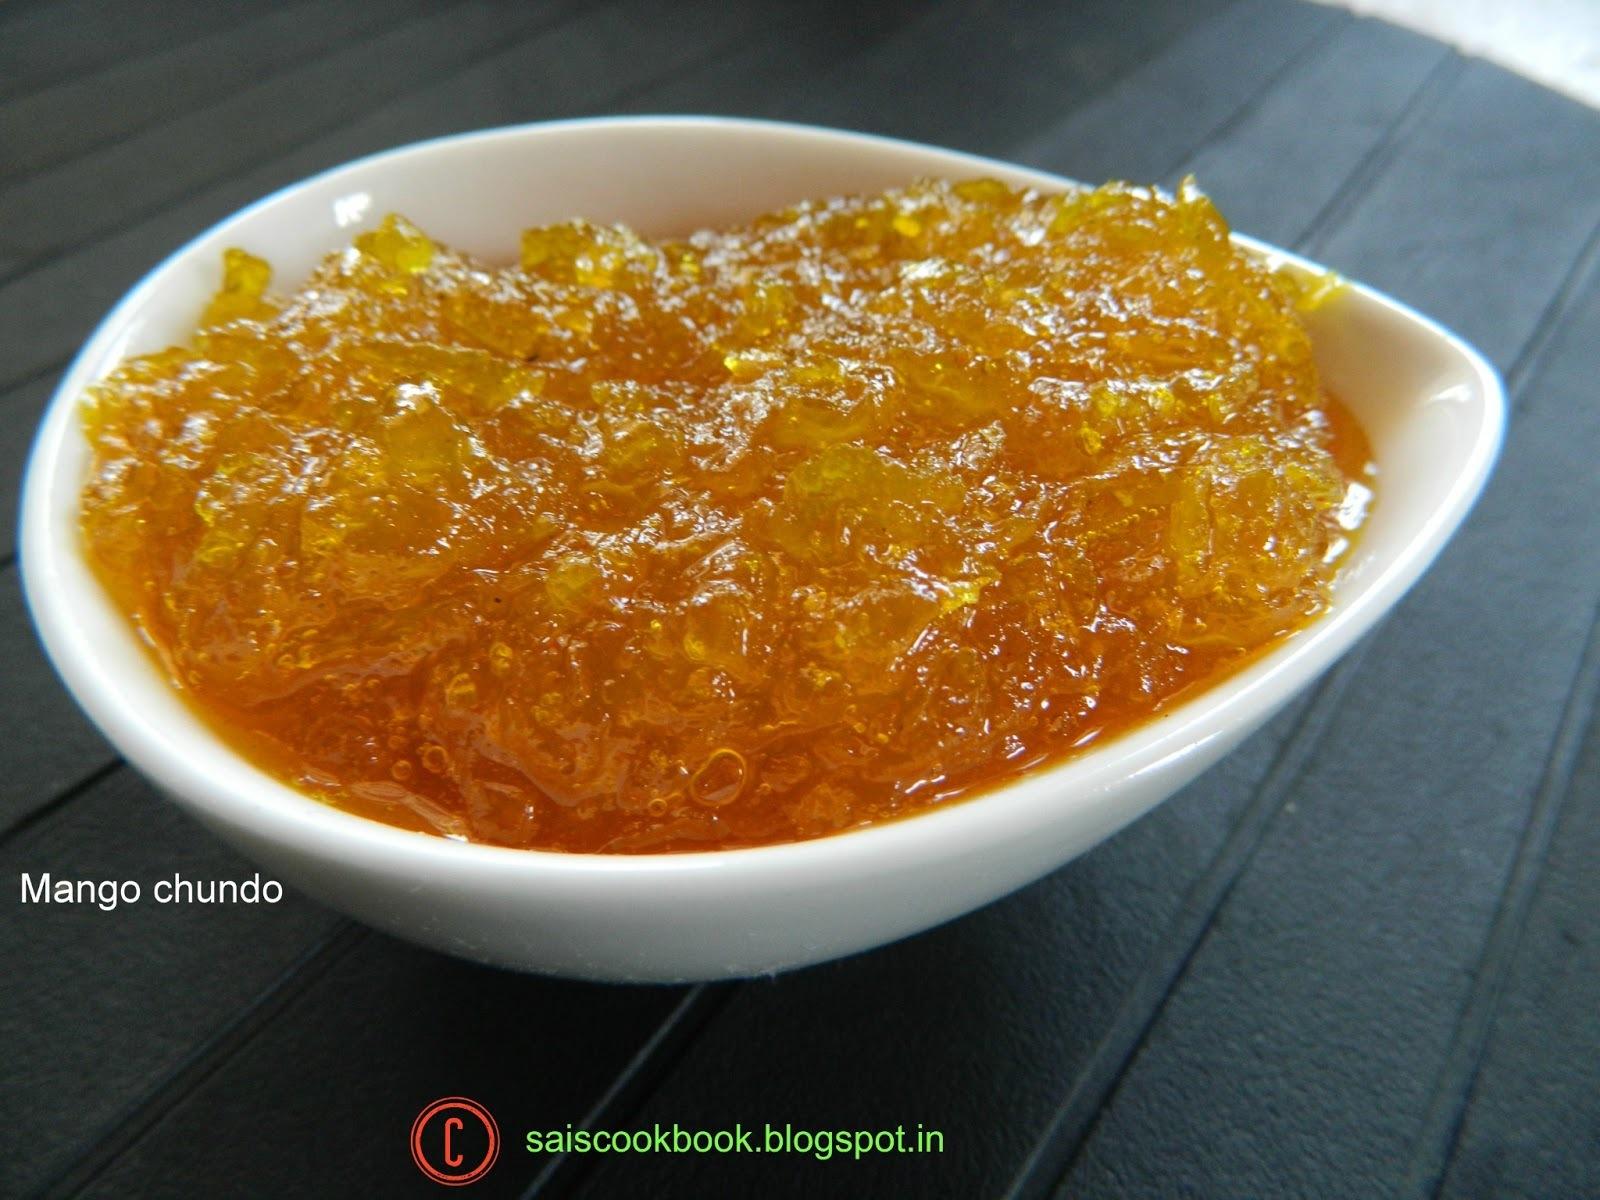 Mango Chundo